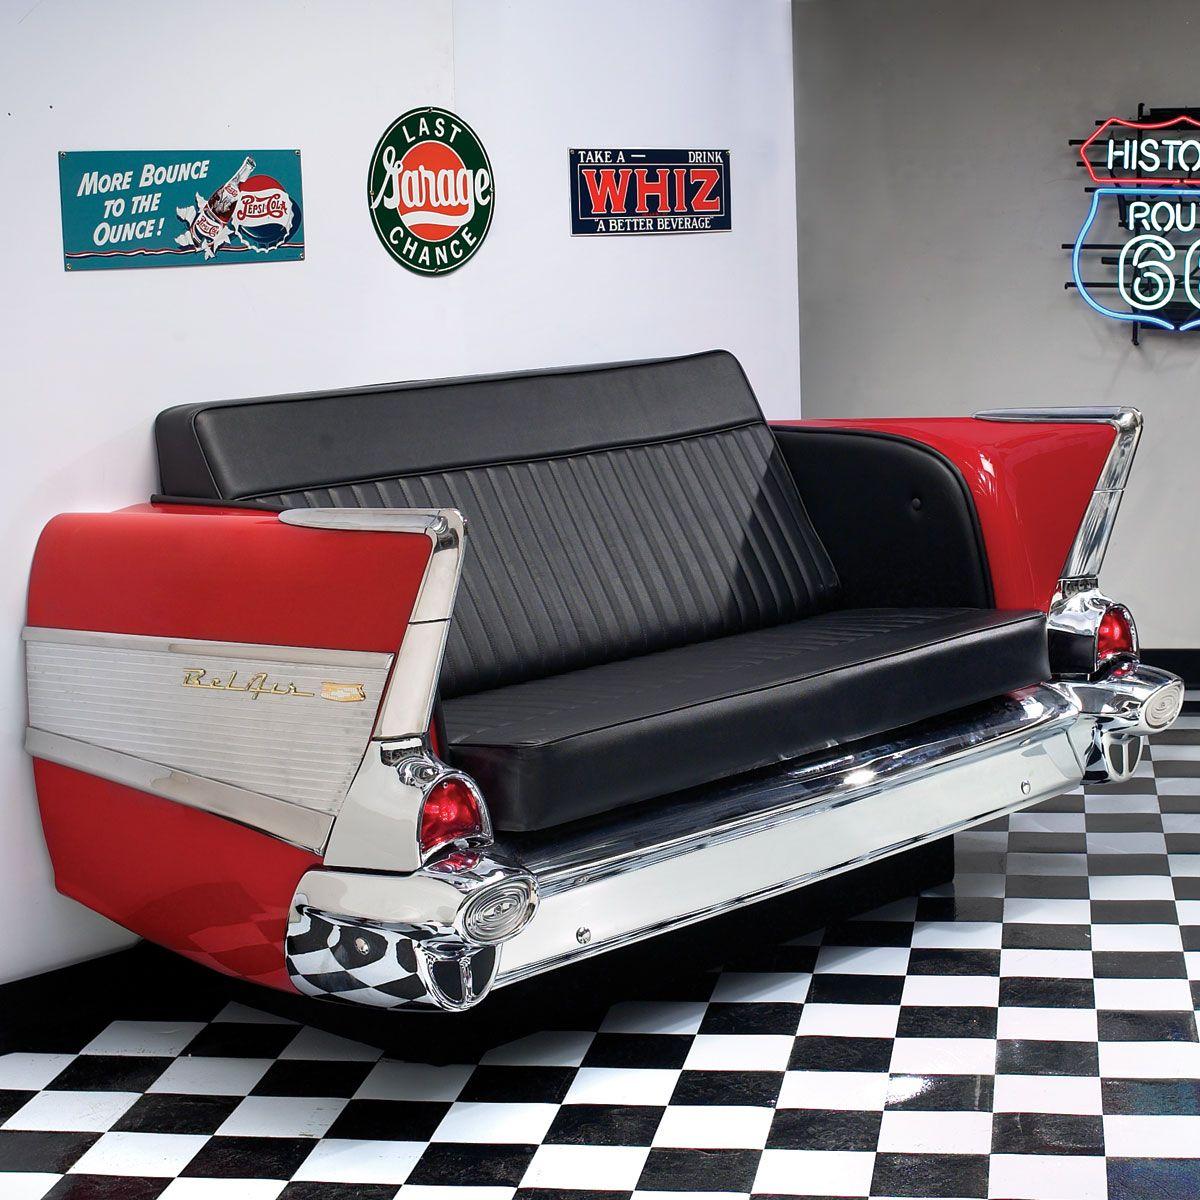 57 Chevy couch | Garage ideas | Automotive decor, Car part furniture ...